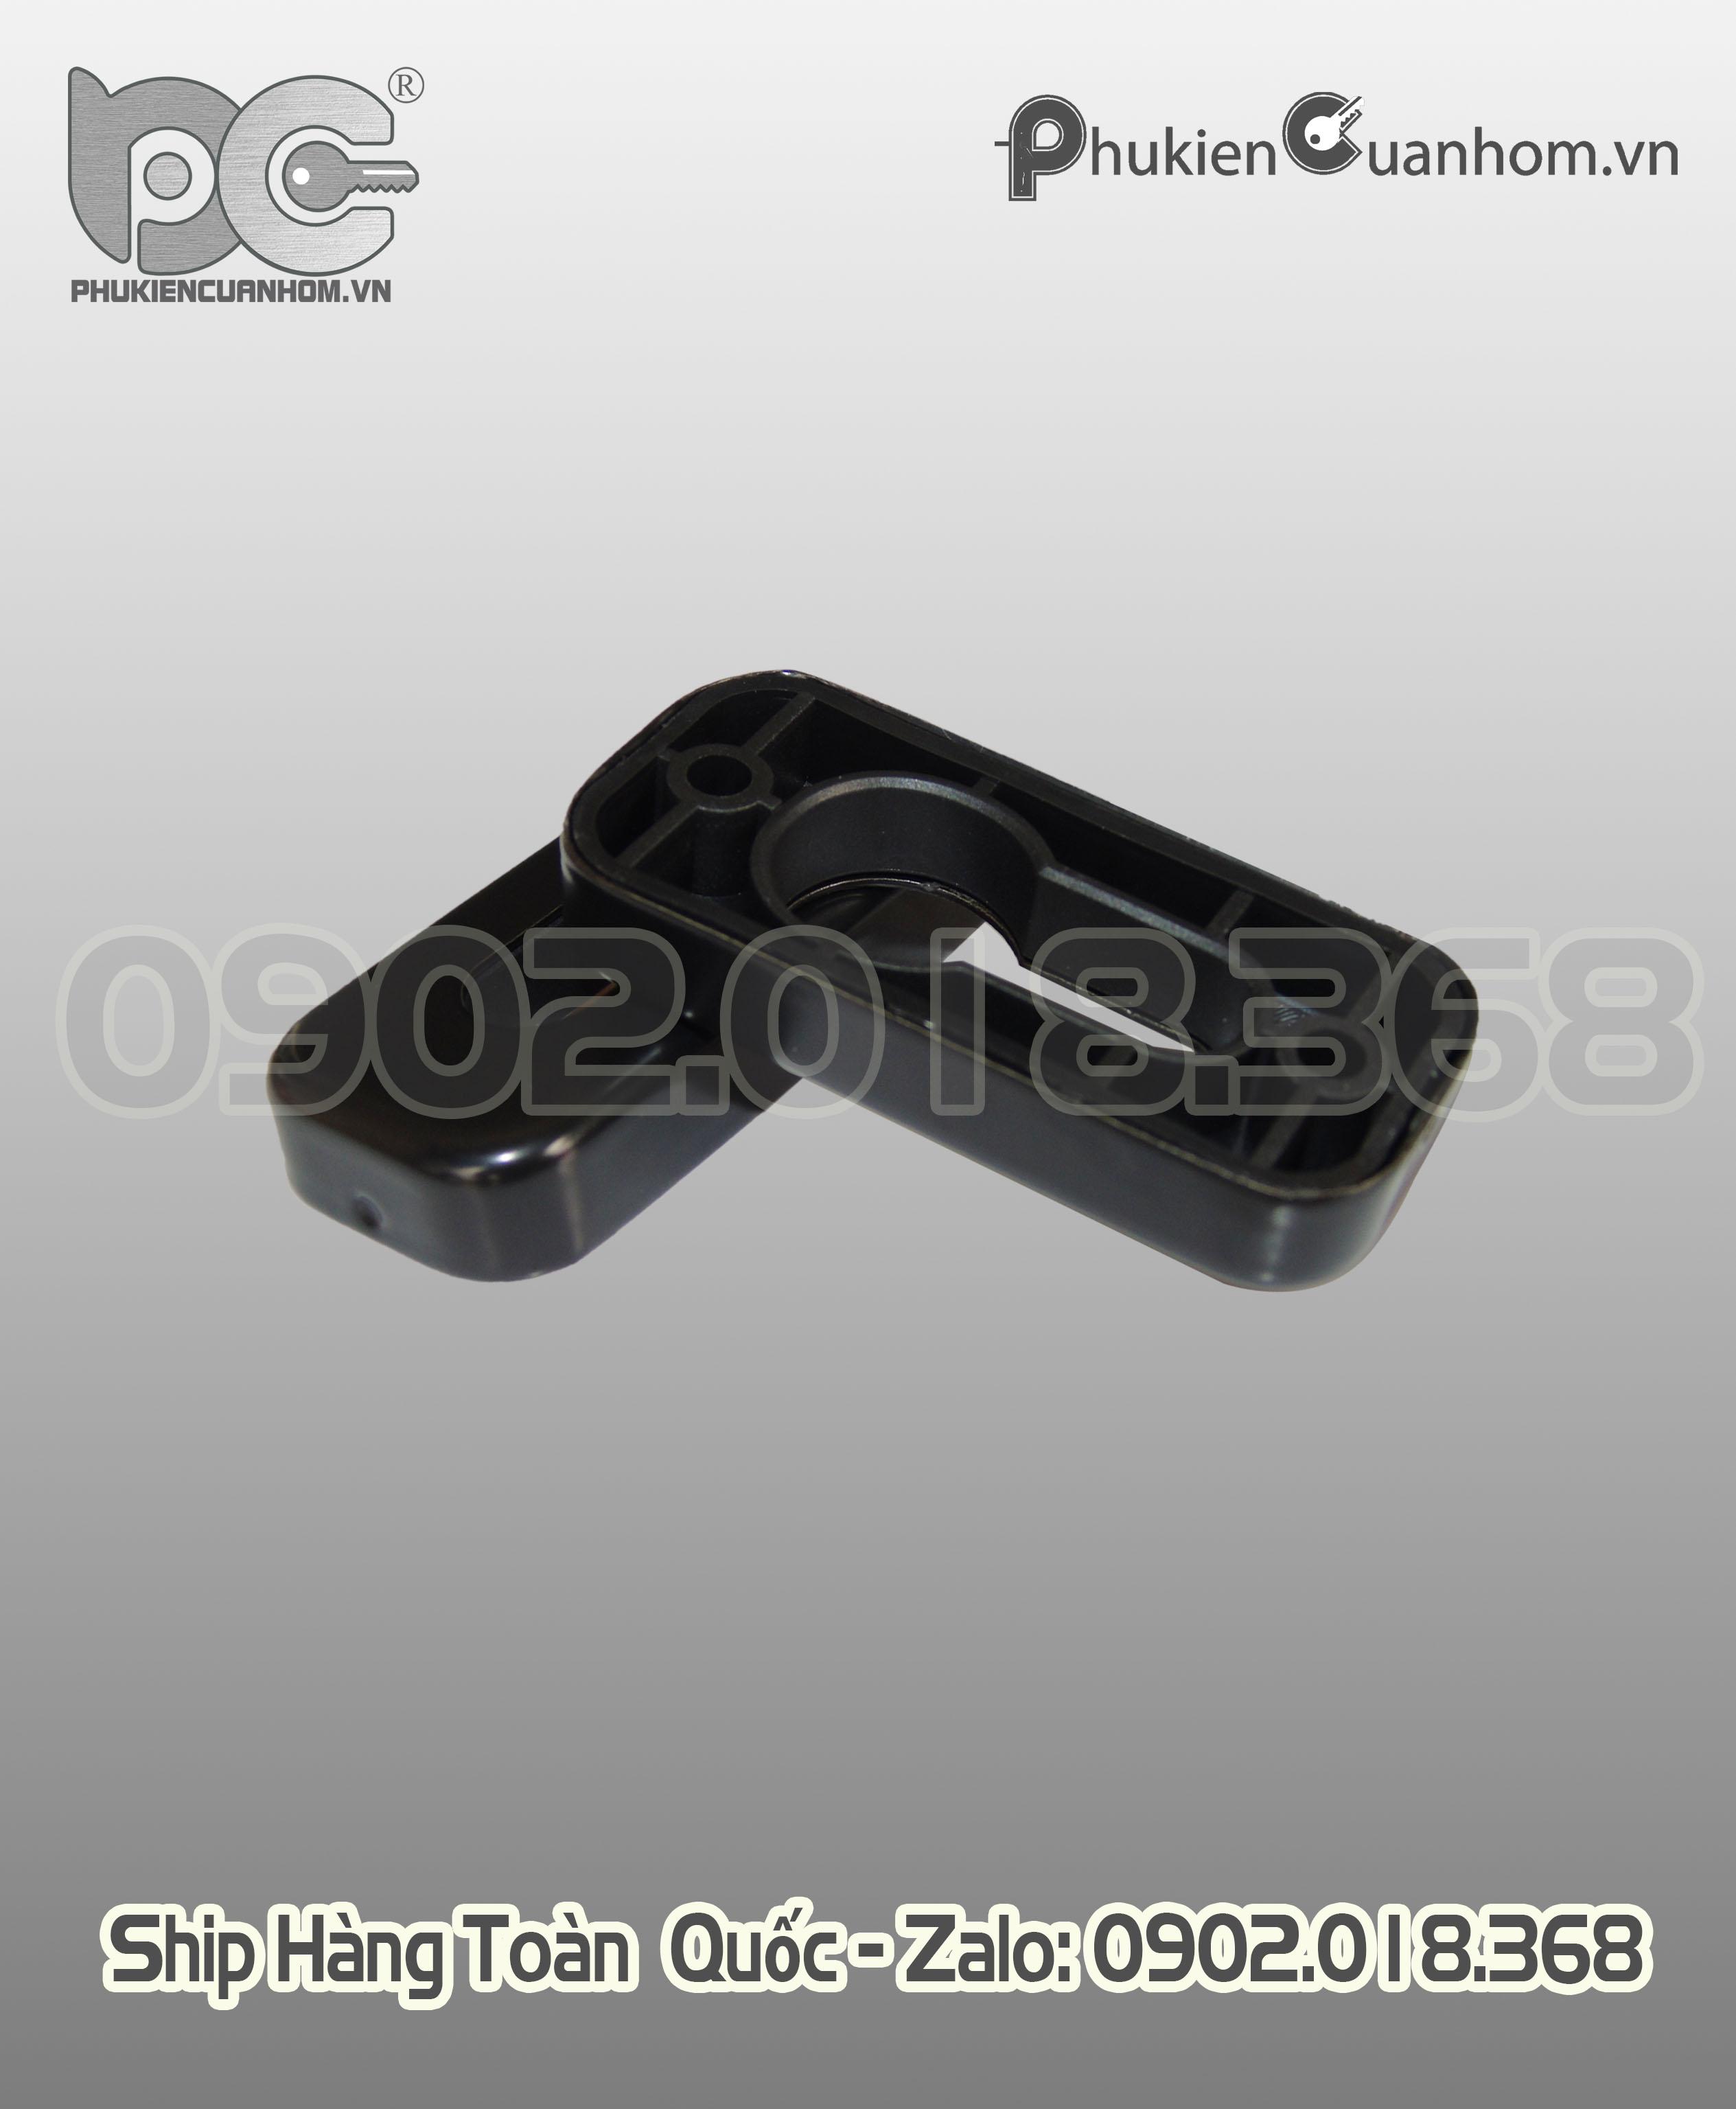 Bộ khóa tay gạt đa điểm có chìa cửa lùa hệ 93 và 55 - CZ26C